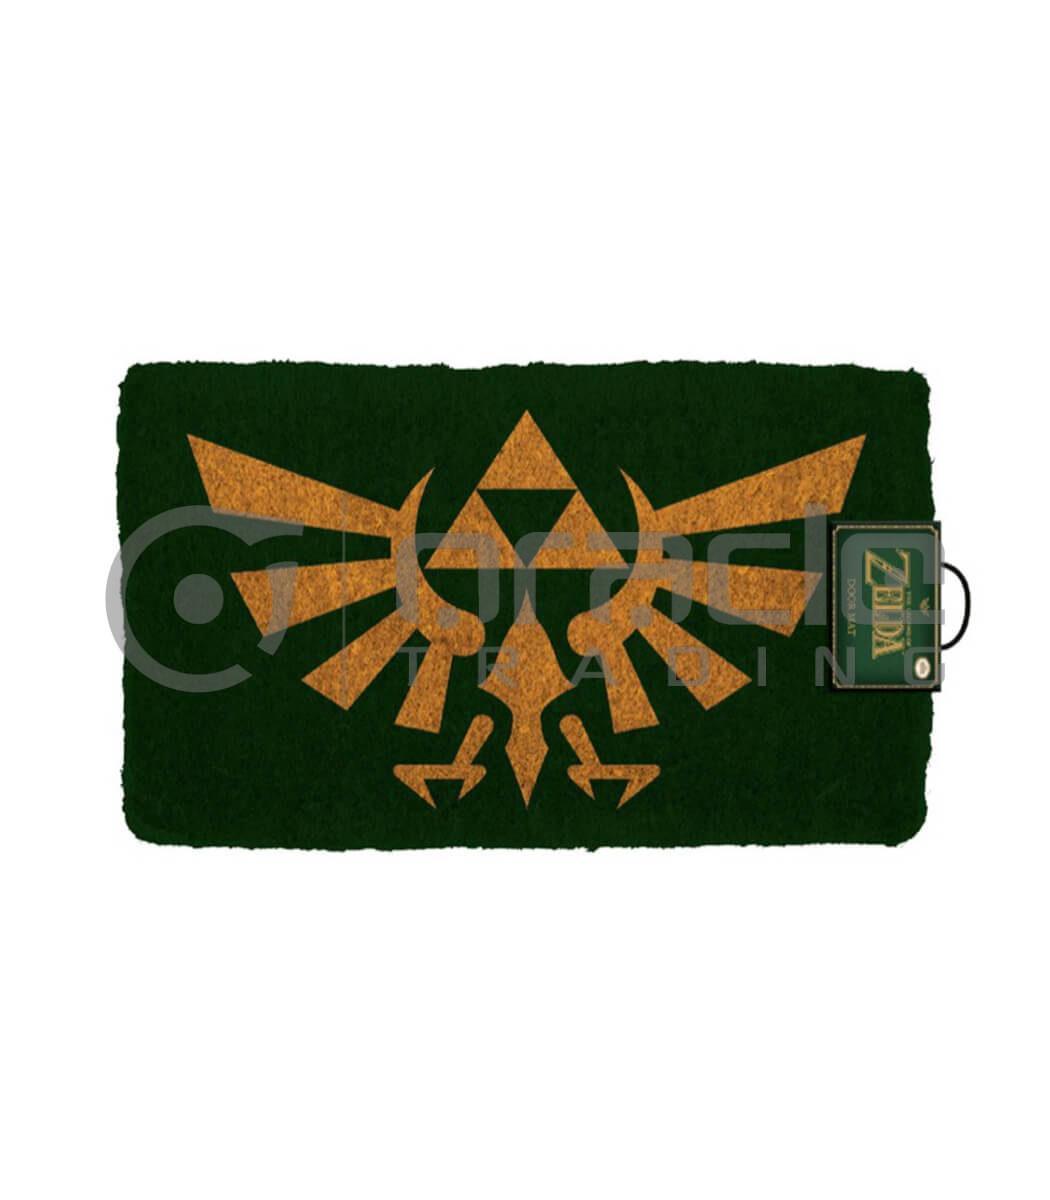 Zelda Doormat - Triforce